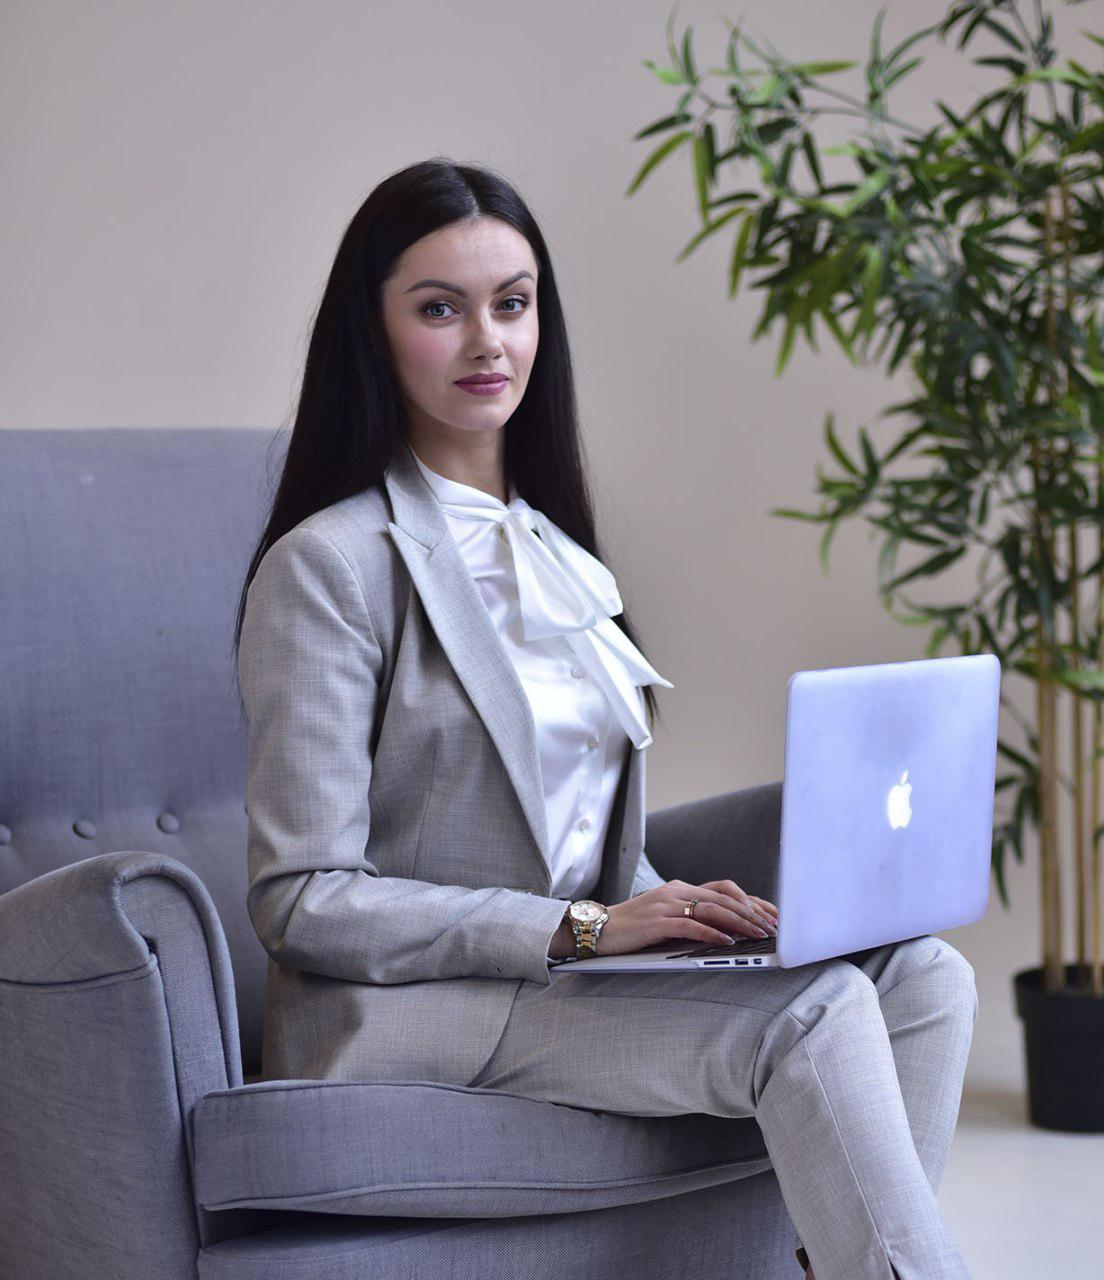 Интервью c Ириной Ивановой - интернет-маркетологом с 11-летним стажем